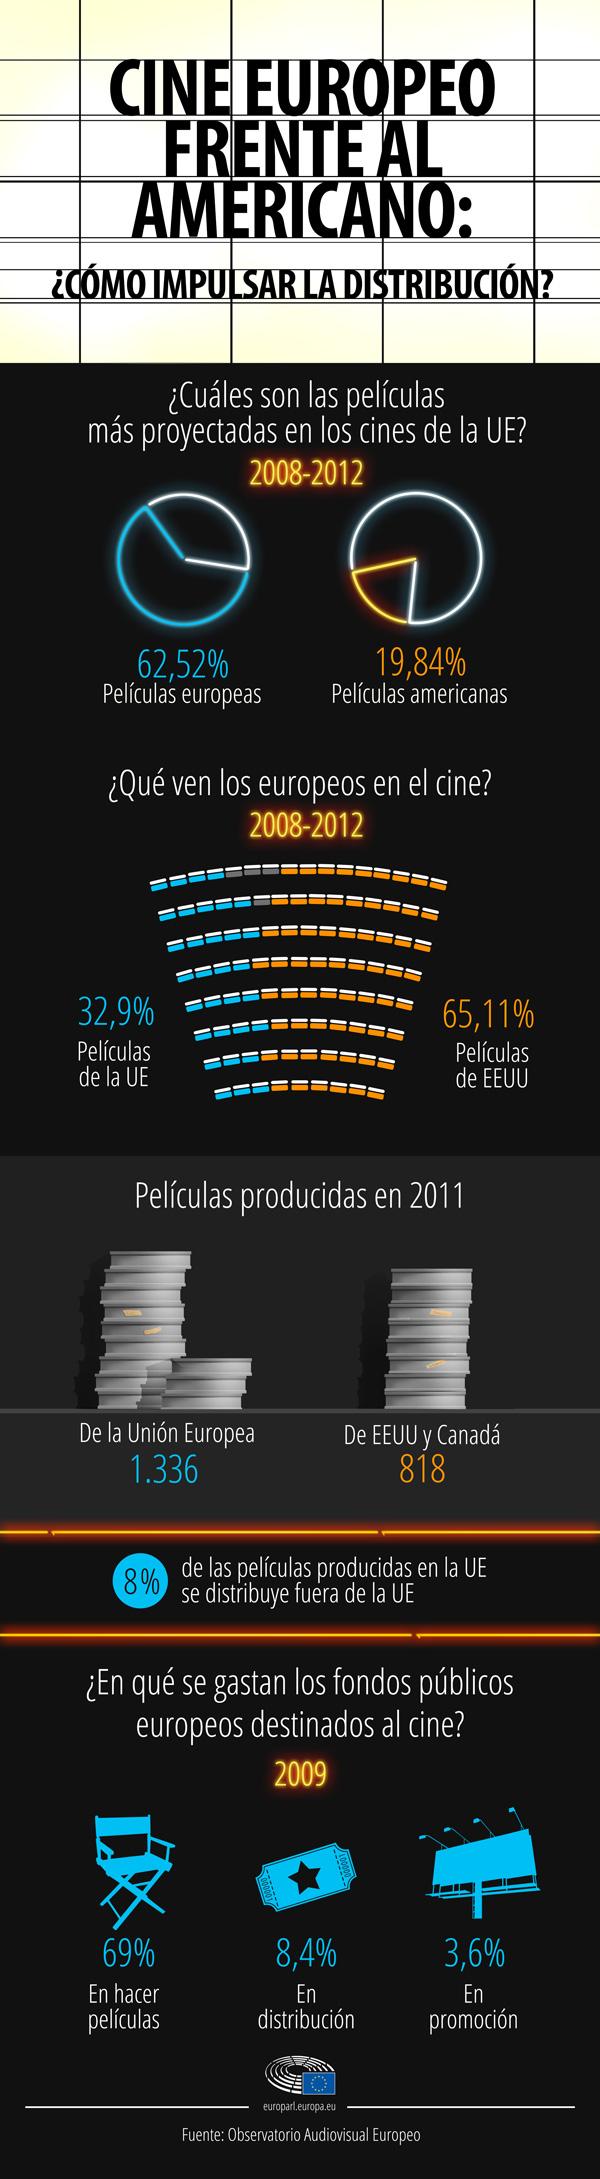 Cine europeo frente al americano. Uno de los grandes retos del cine europeo es ampliar su público que, con frecuencia, se limita a la distribución de cada película en su propio país. La industria cinematográfica europea tiene una repercusión destacada en la vida cultural europea, en el empleo y en la economía.